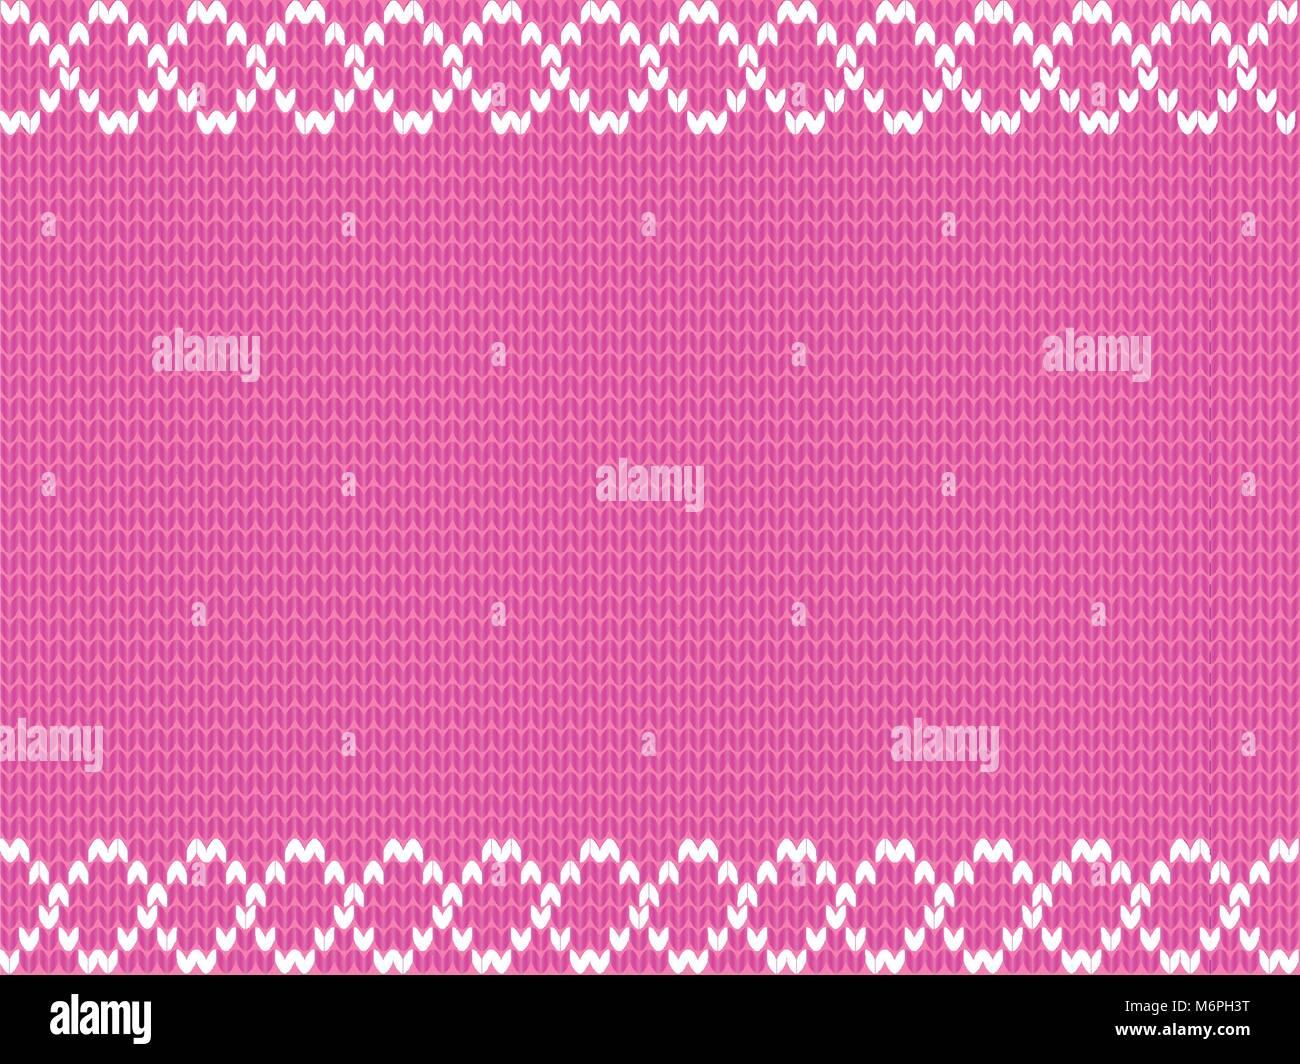 Cute baby pink tejer enmarcadas con fondo blanco weavy patrón ...